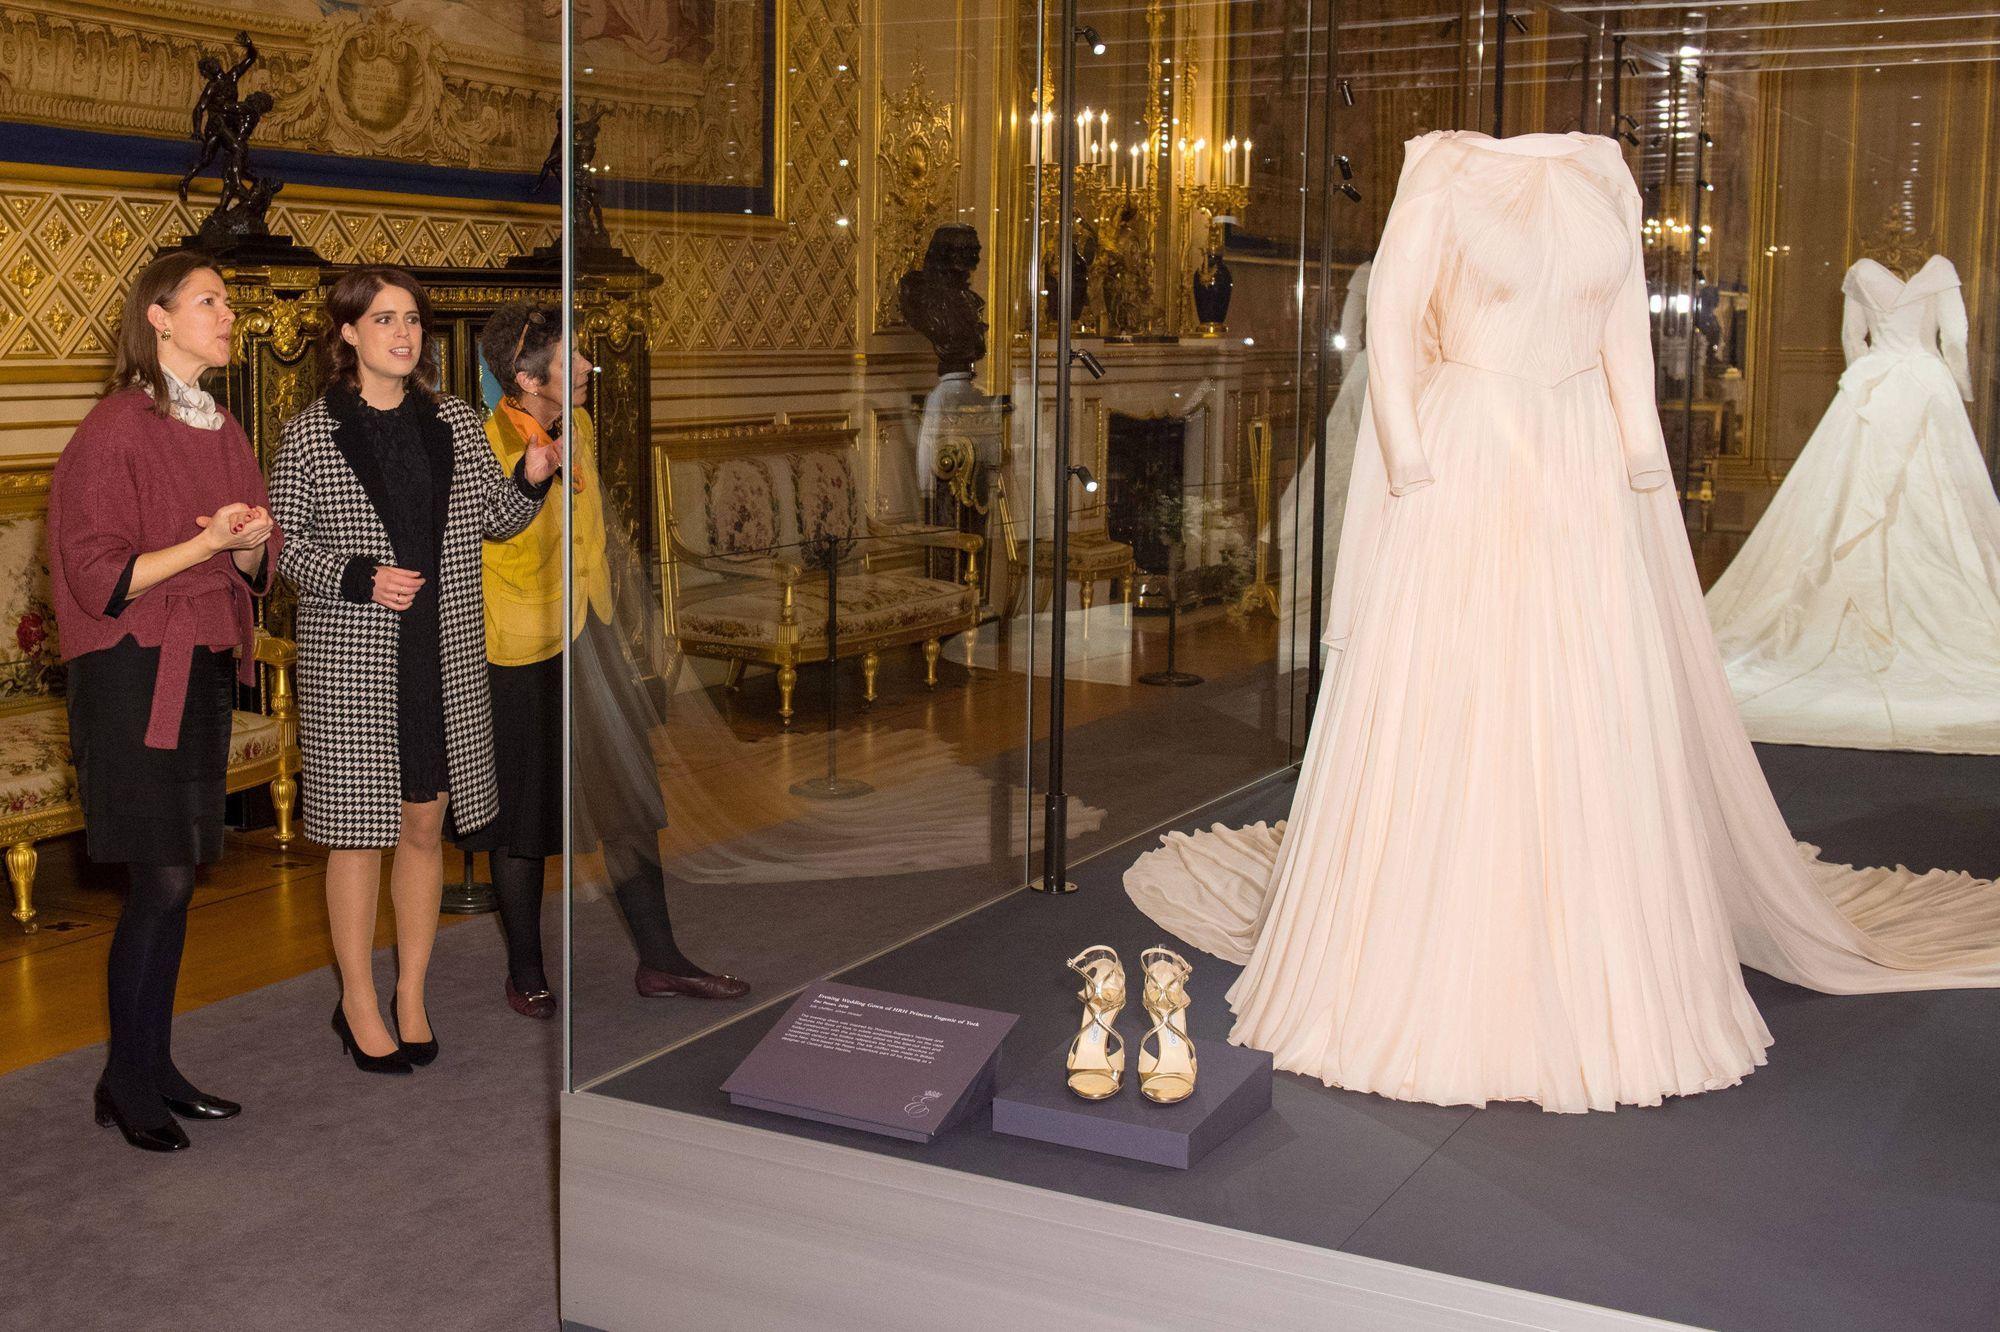 La Eugenie Ses Tout Dit Deux Princesse De Mariée D'york Robes TlJ31cFK